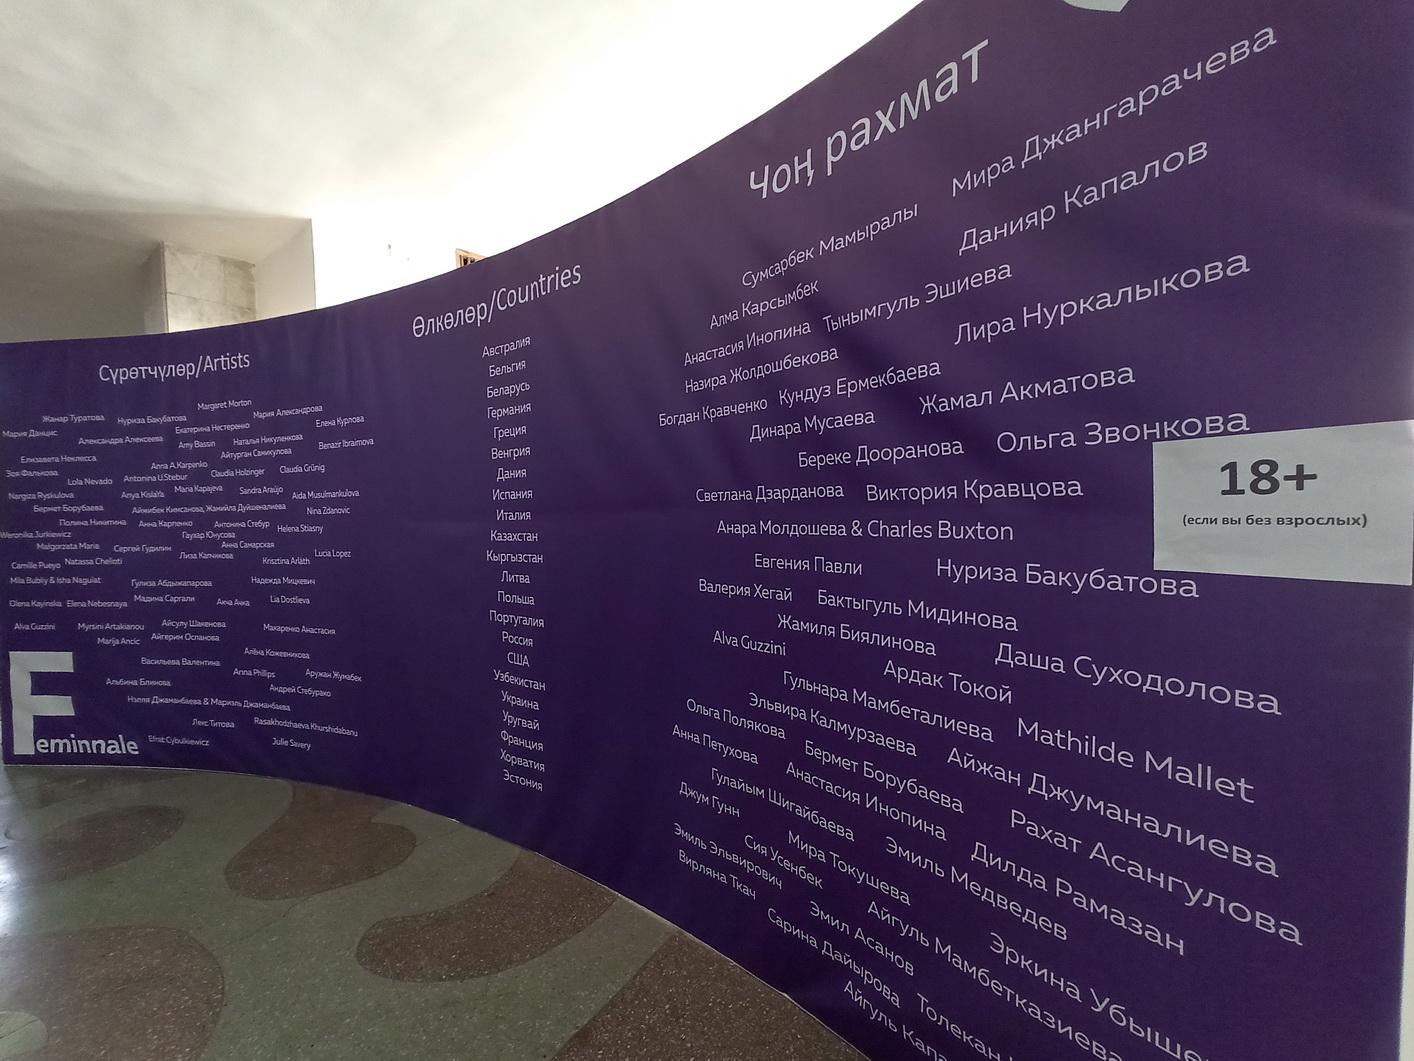 Такая стена дает представление, сколько организаций, людей и стран стоят за этой выставкой.